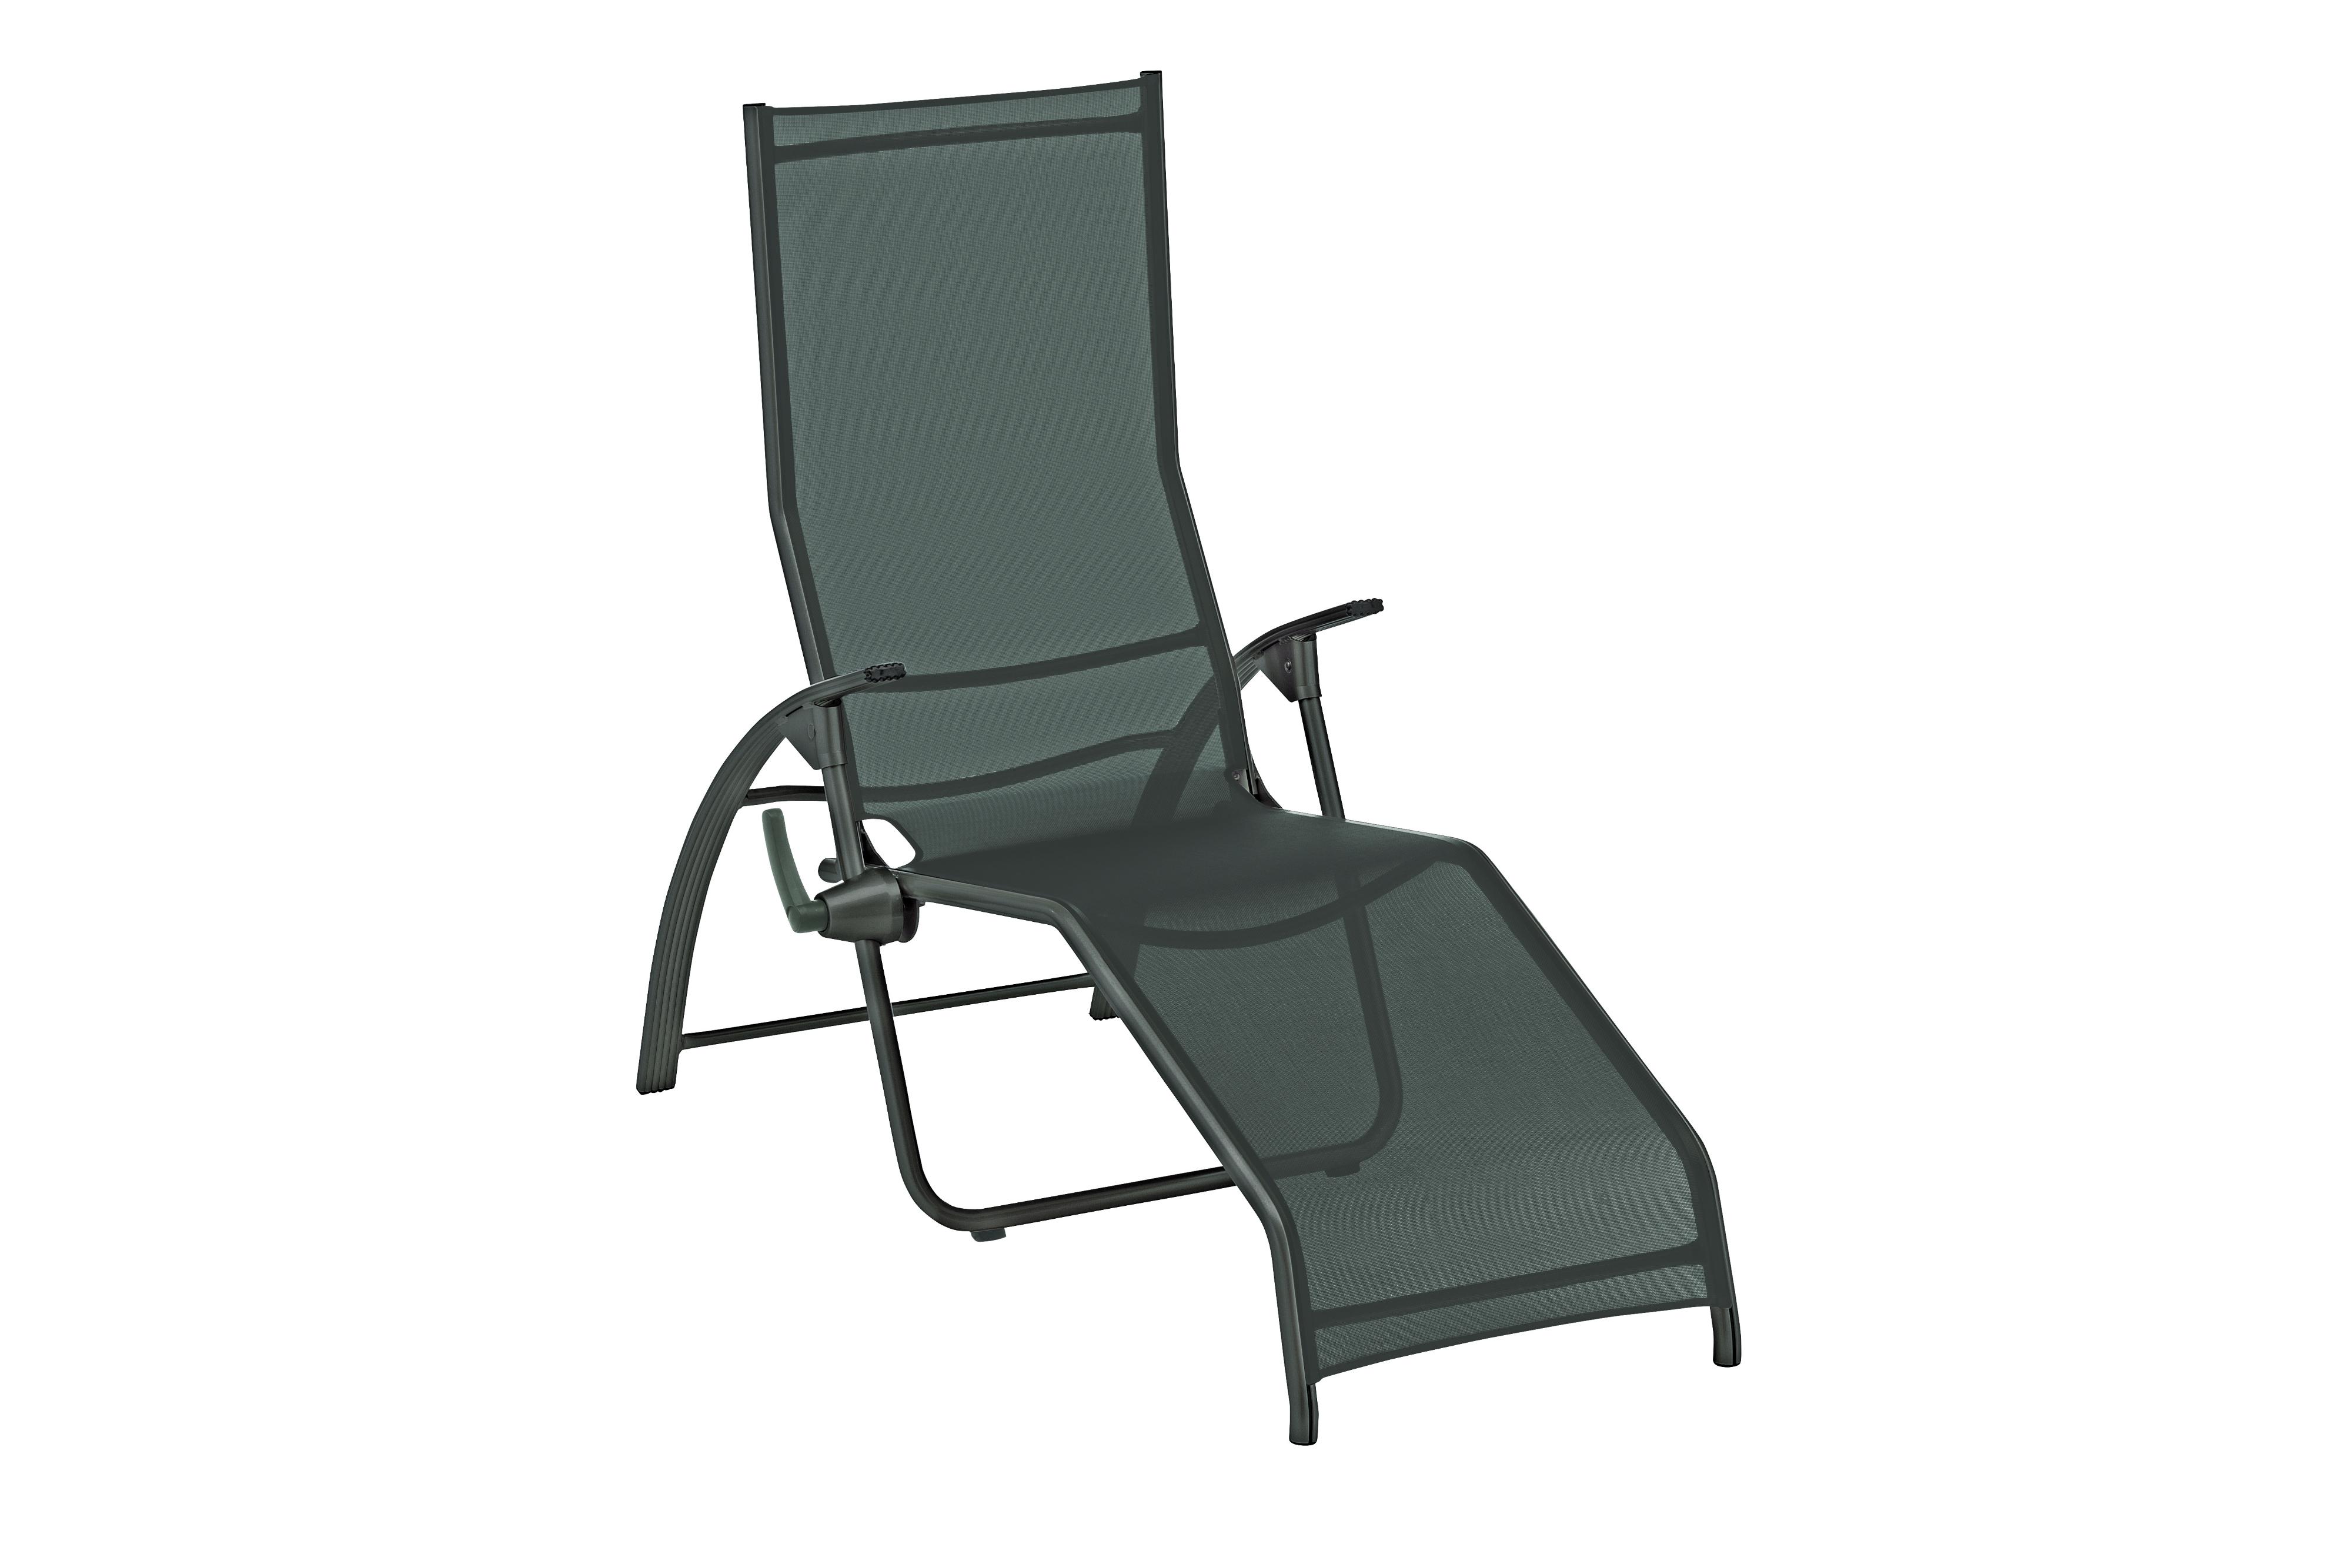 kettler tampa ligbed celeste. Black Bedroom Furniture Sets. Home Design Ideas